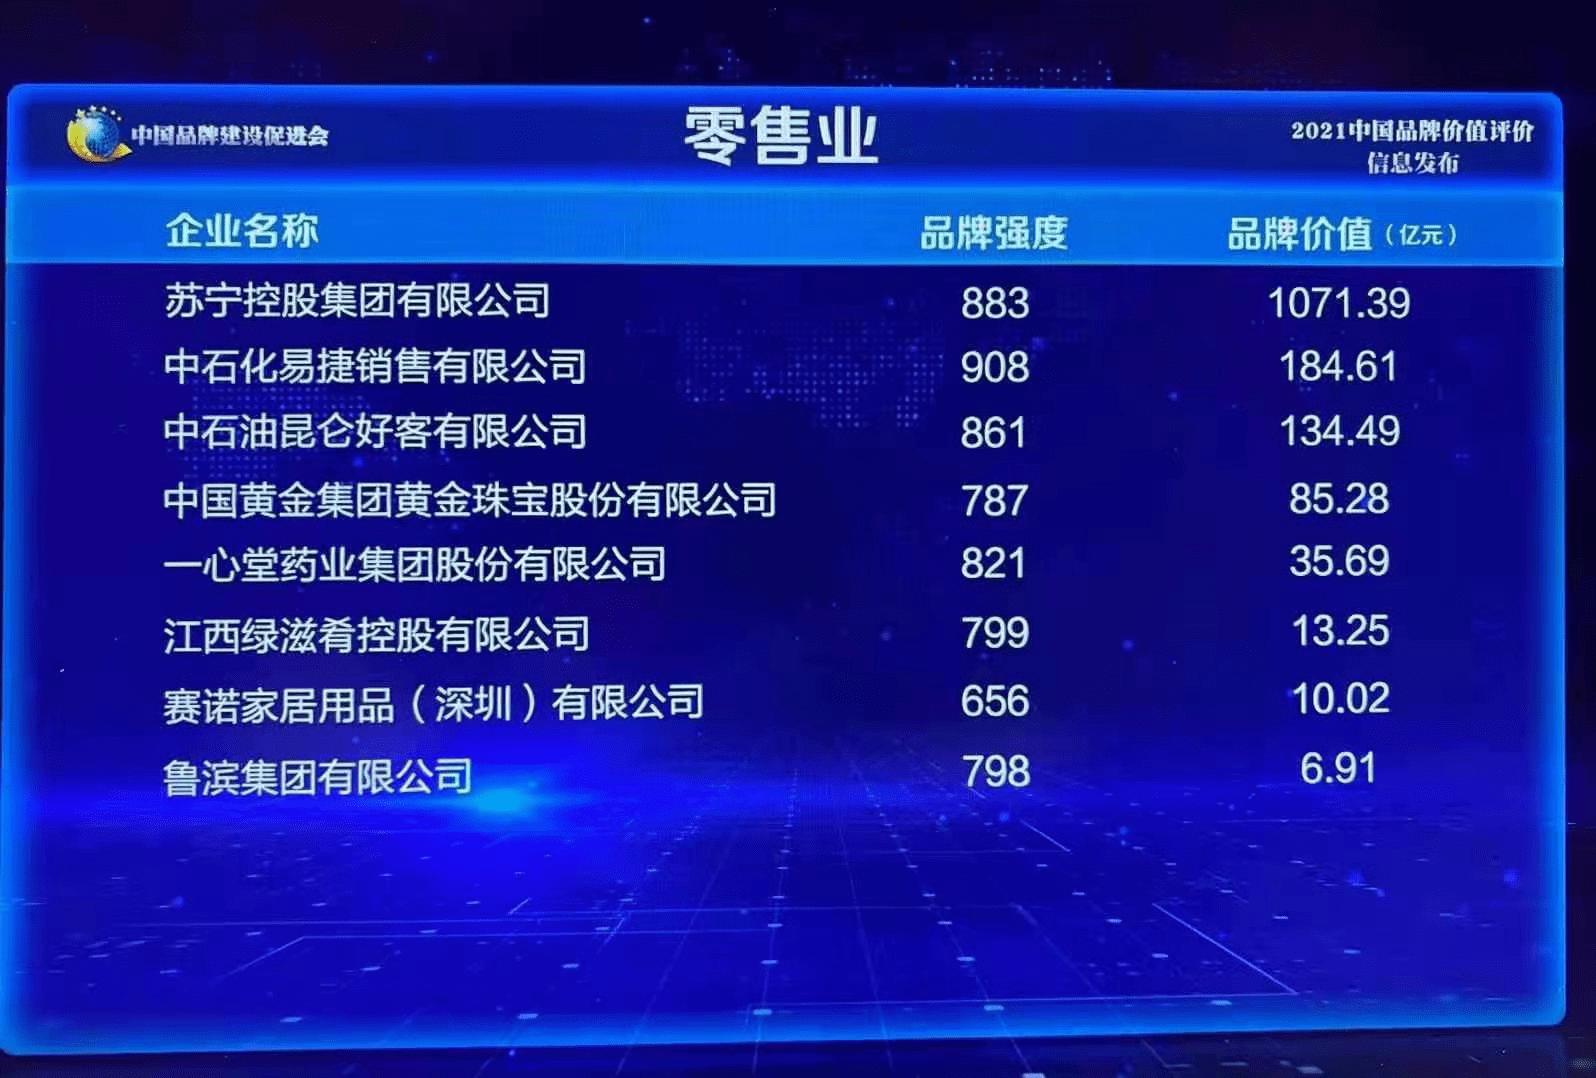 2021中国品牌价值发布 苏宁集团1071亿位列零售业第一